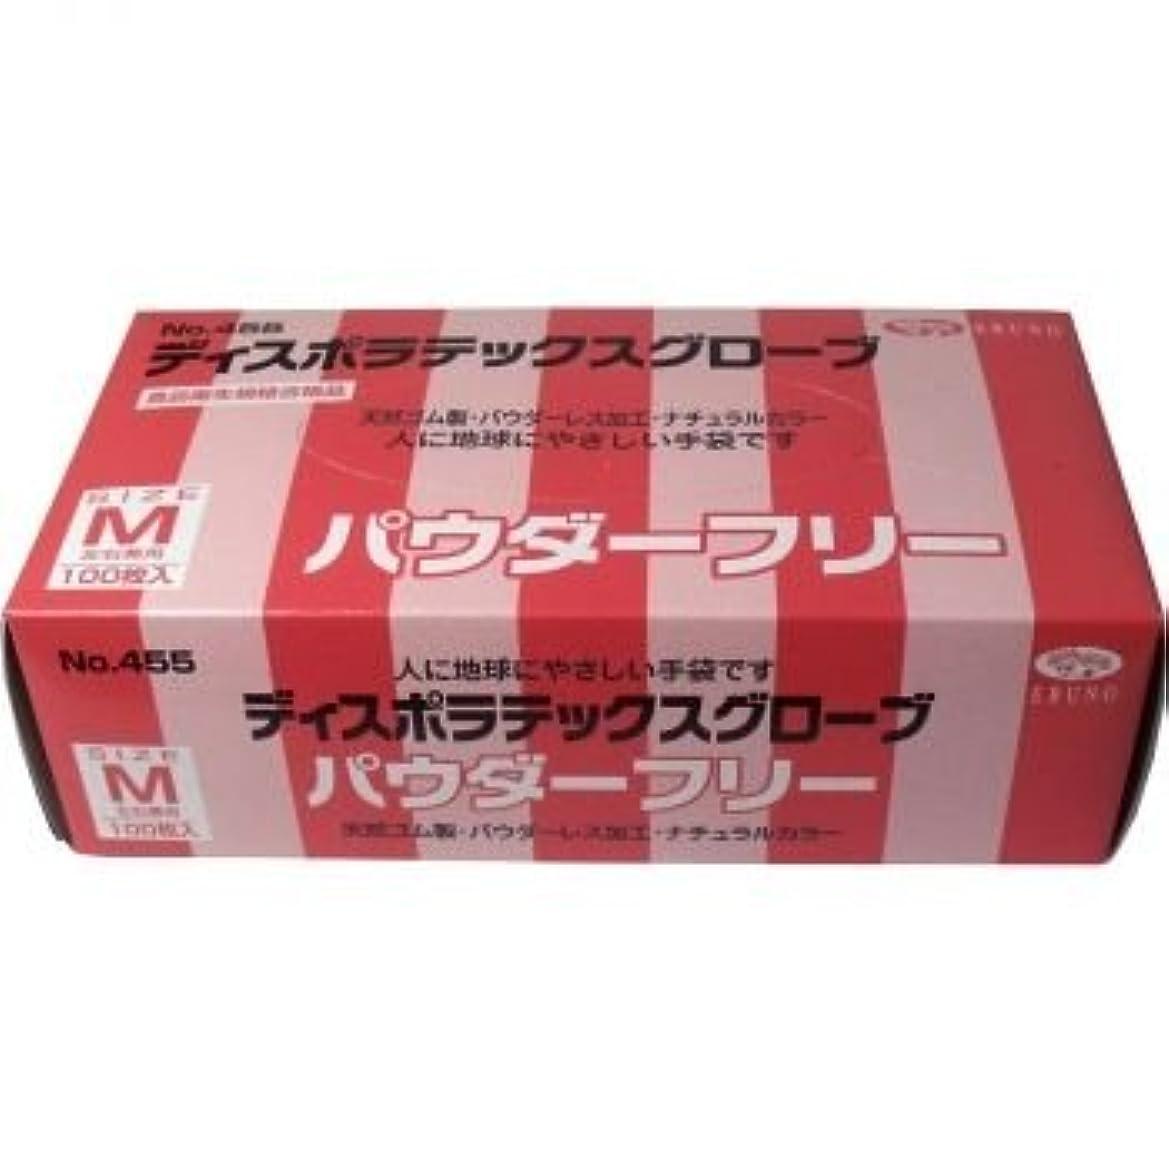 提案する森差ディスポ ラテックスグローブ(天然ゴム手袋) パウダーフリー Mサイズ 100枚入 「2点セット」